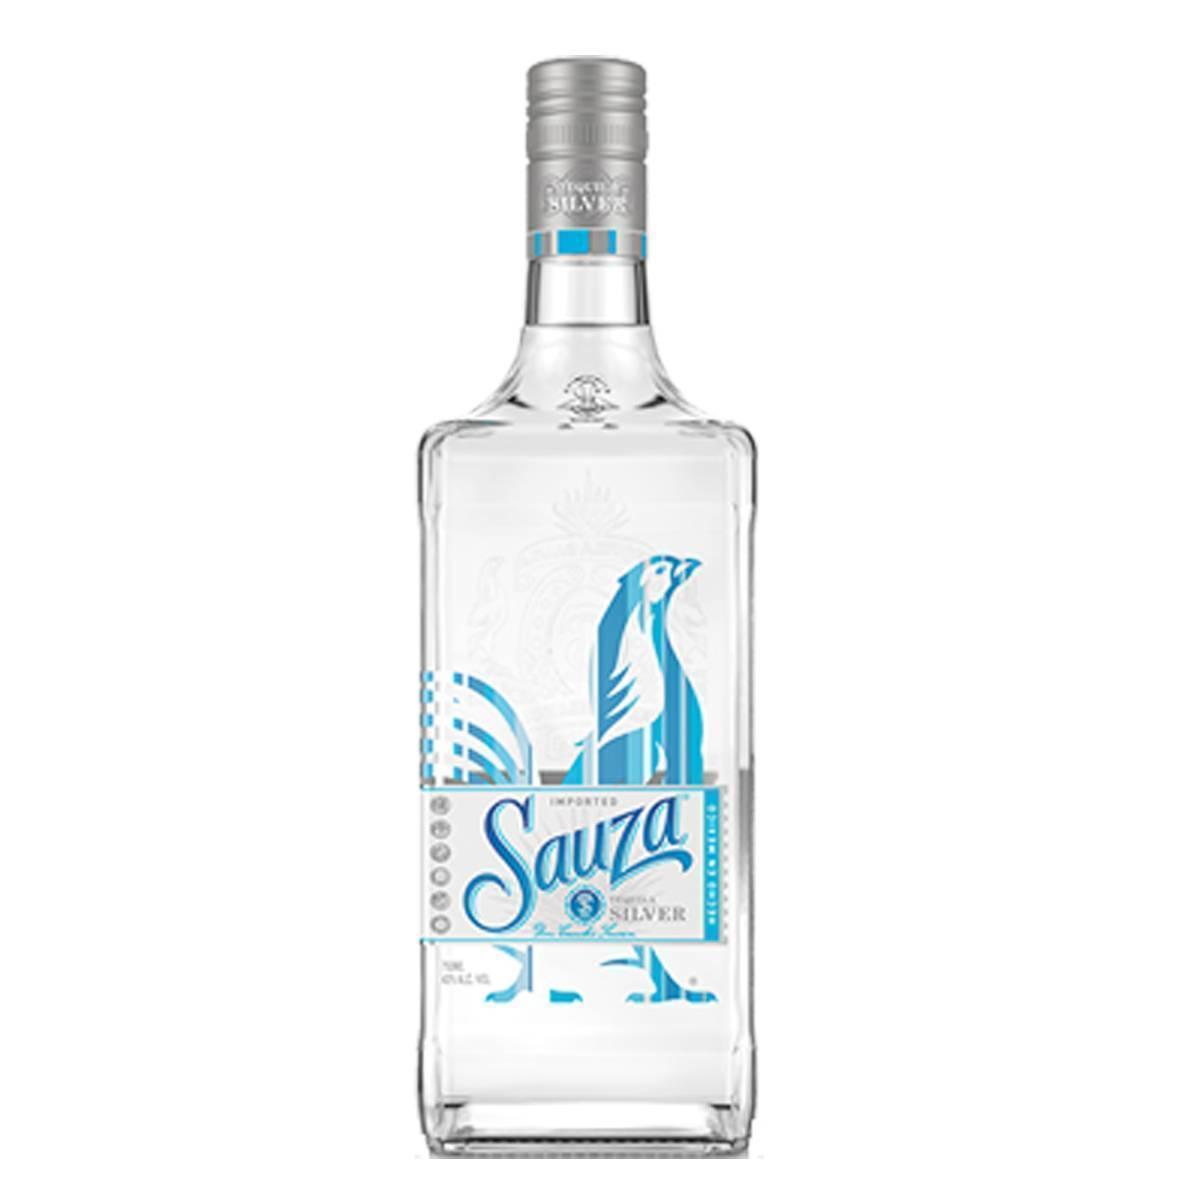 Текила сауза: sauza silver, gold и другие разновидности tequila, особенности производства, как отличить подделку